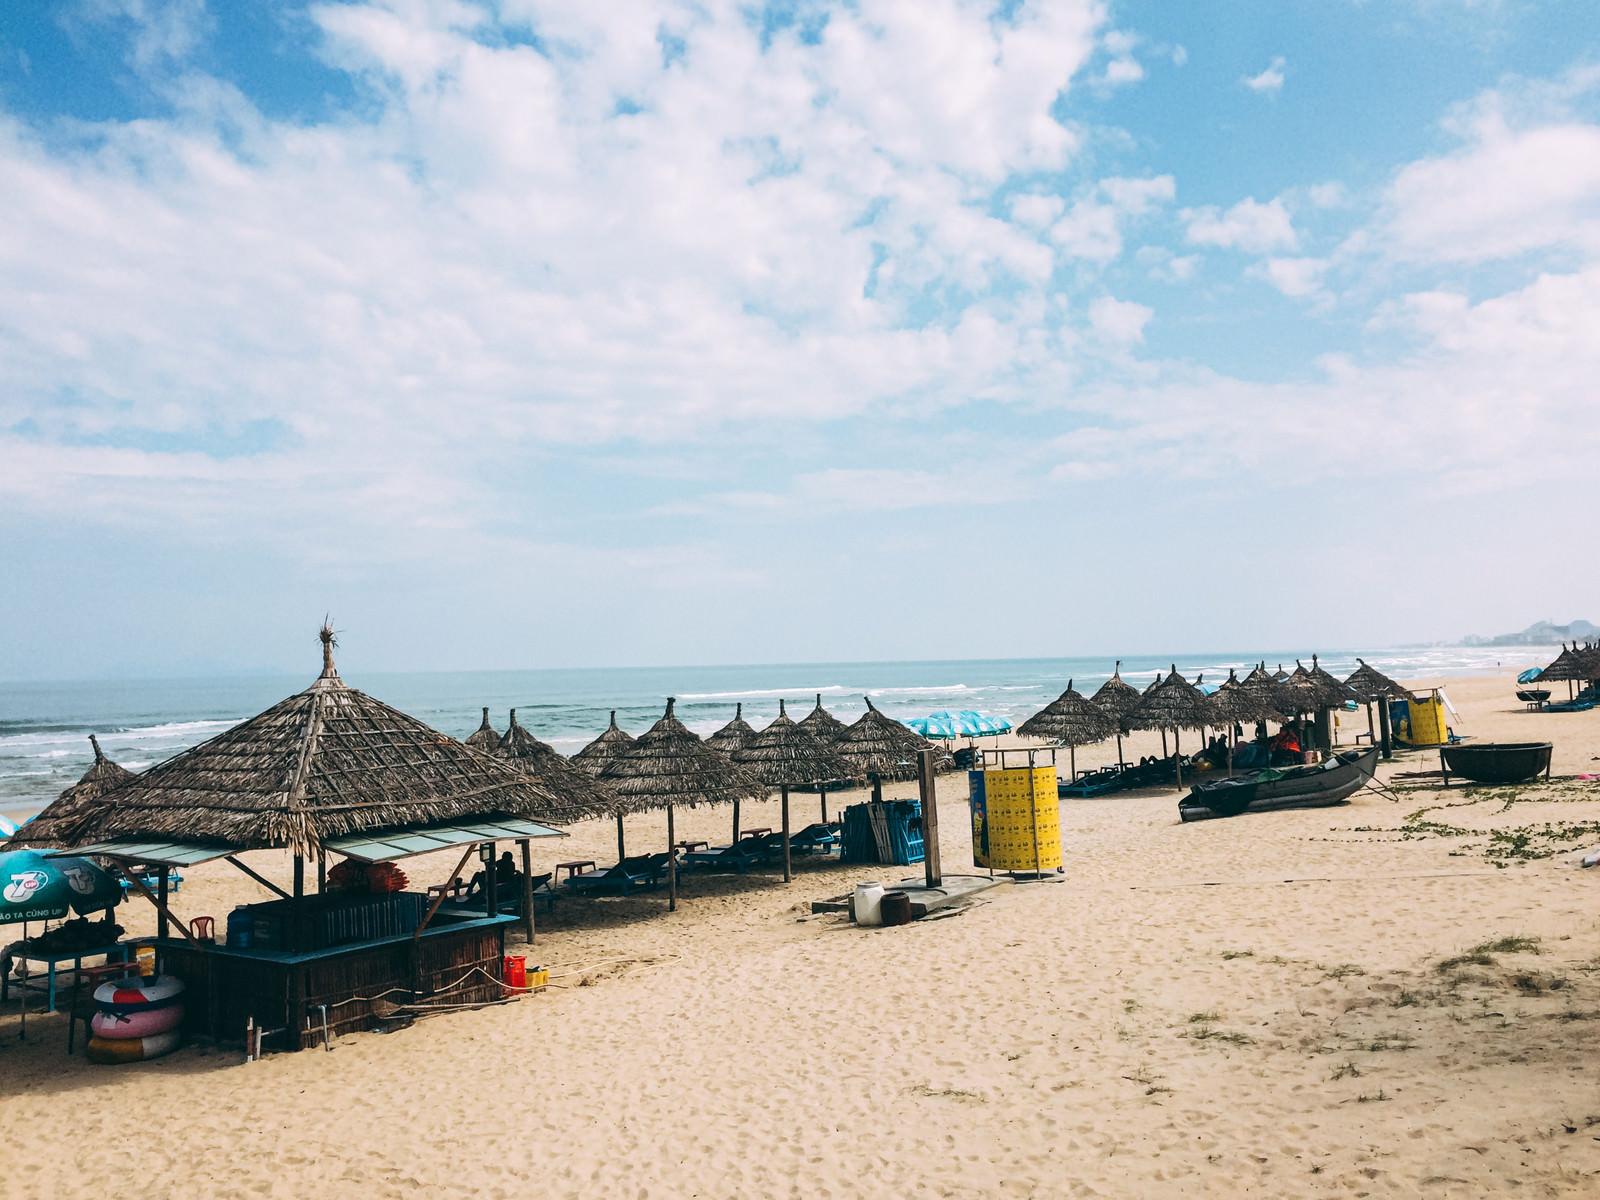 「ダナンのリゾートビーチ(ベトナム)」の写真